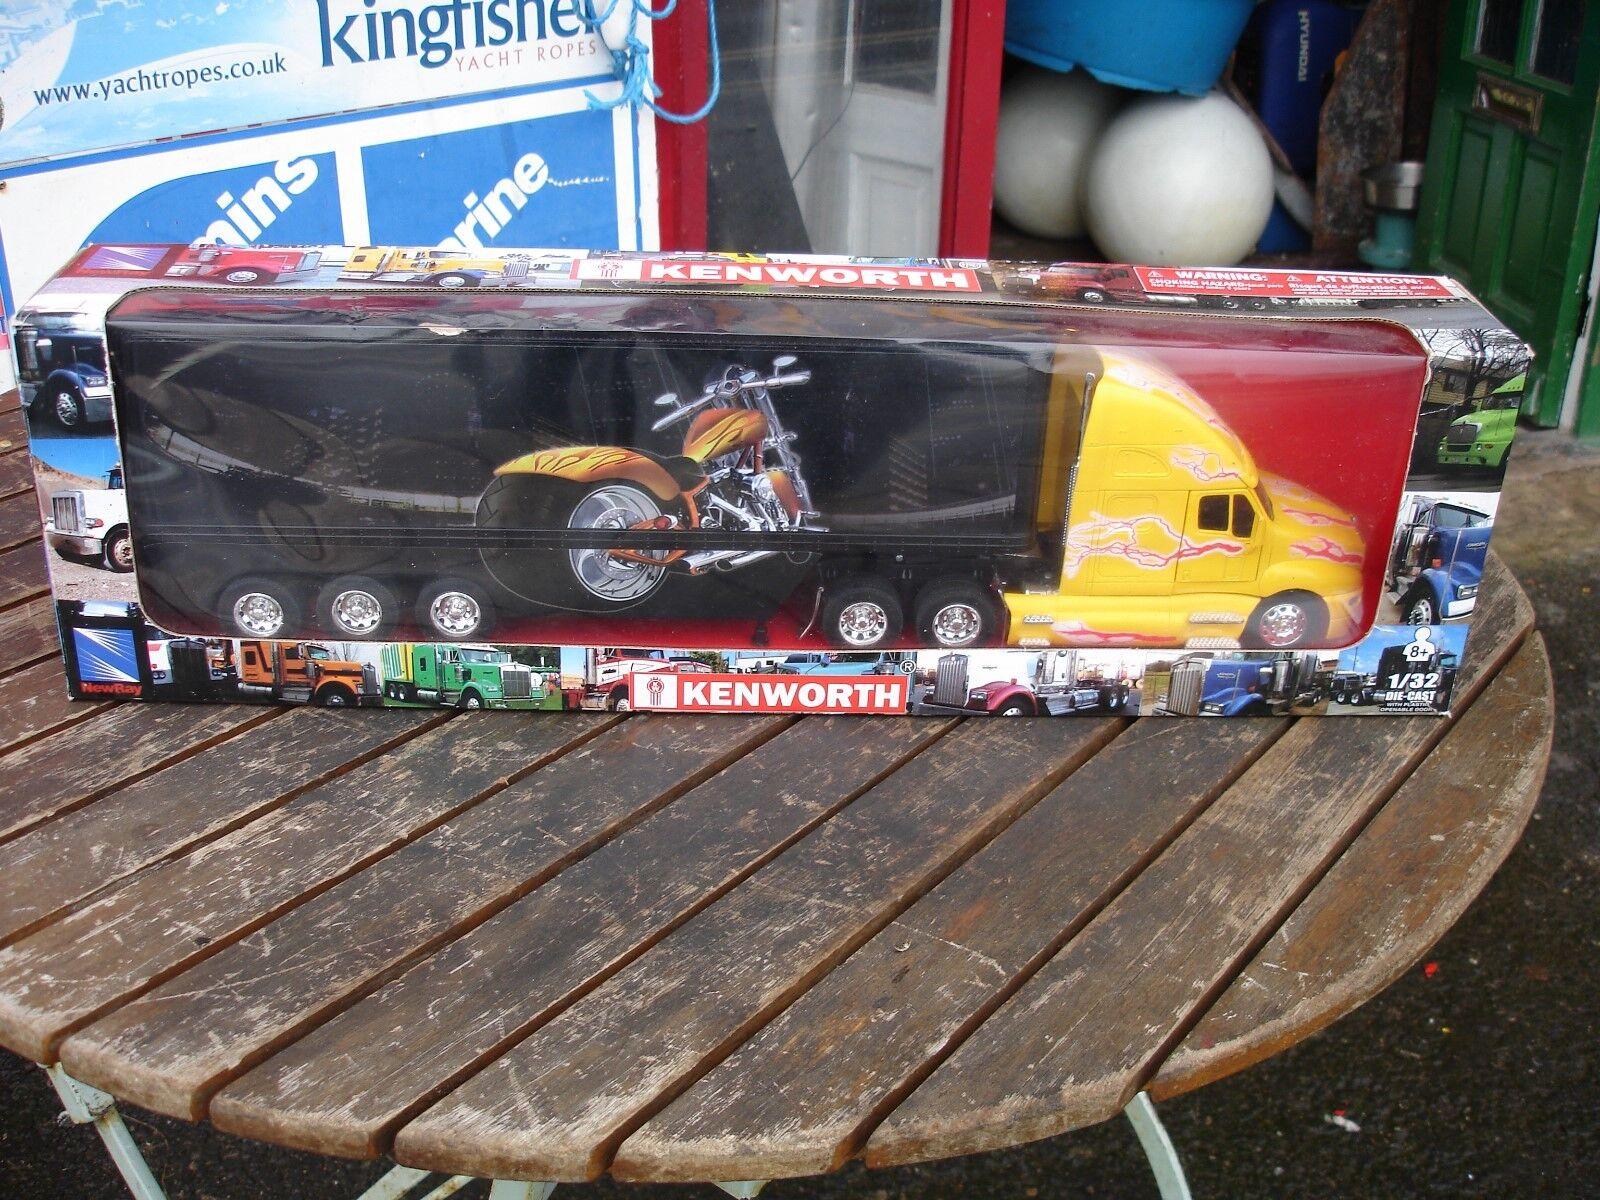 Kenworth T2000 Camión y remolque,  Chopper  tema, escala escala escala 1 32  Nuevo Y En Caja  48f619